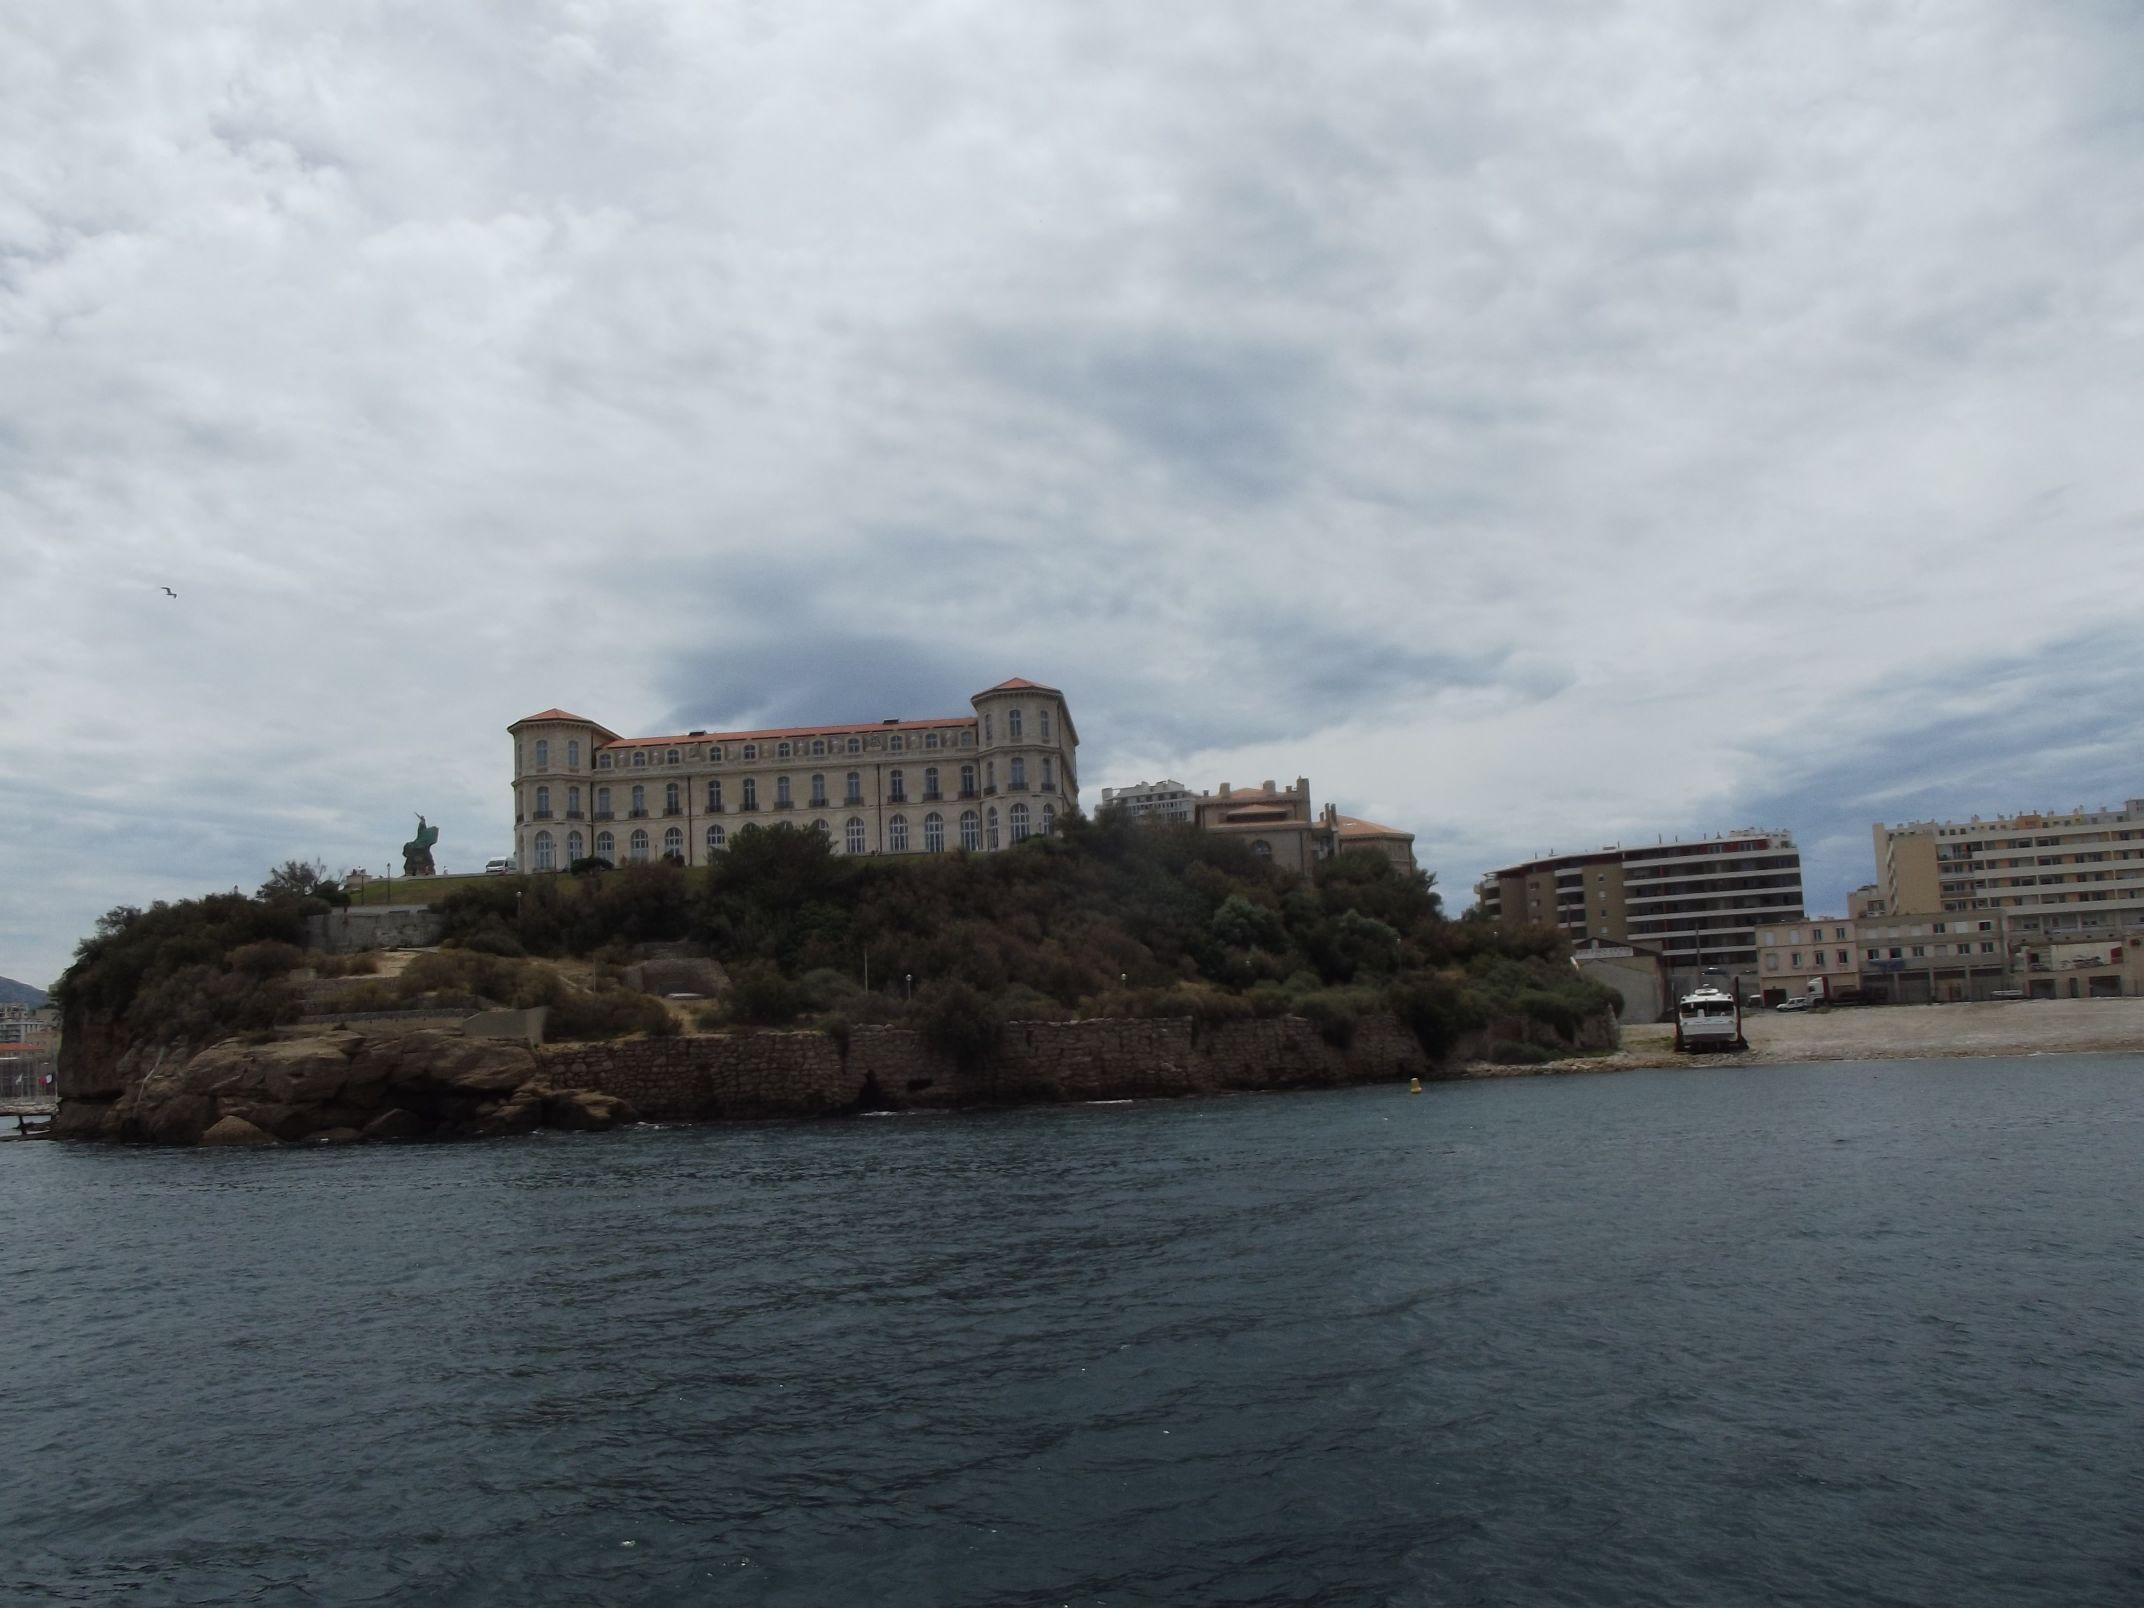 Josephine császárné palotája